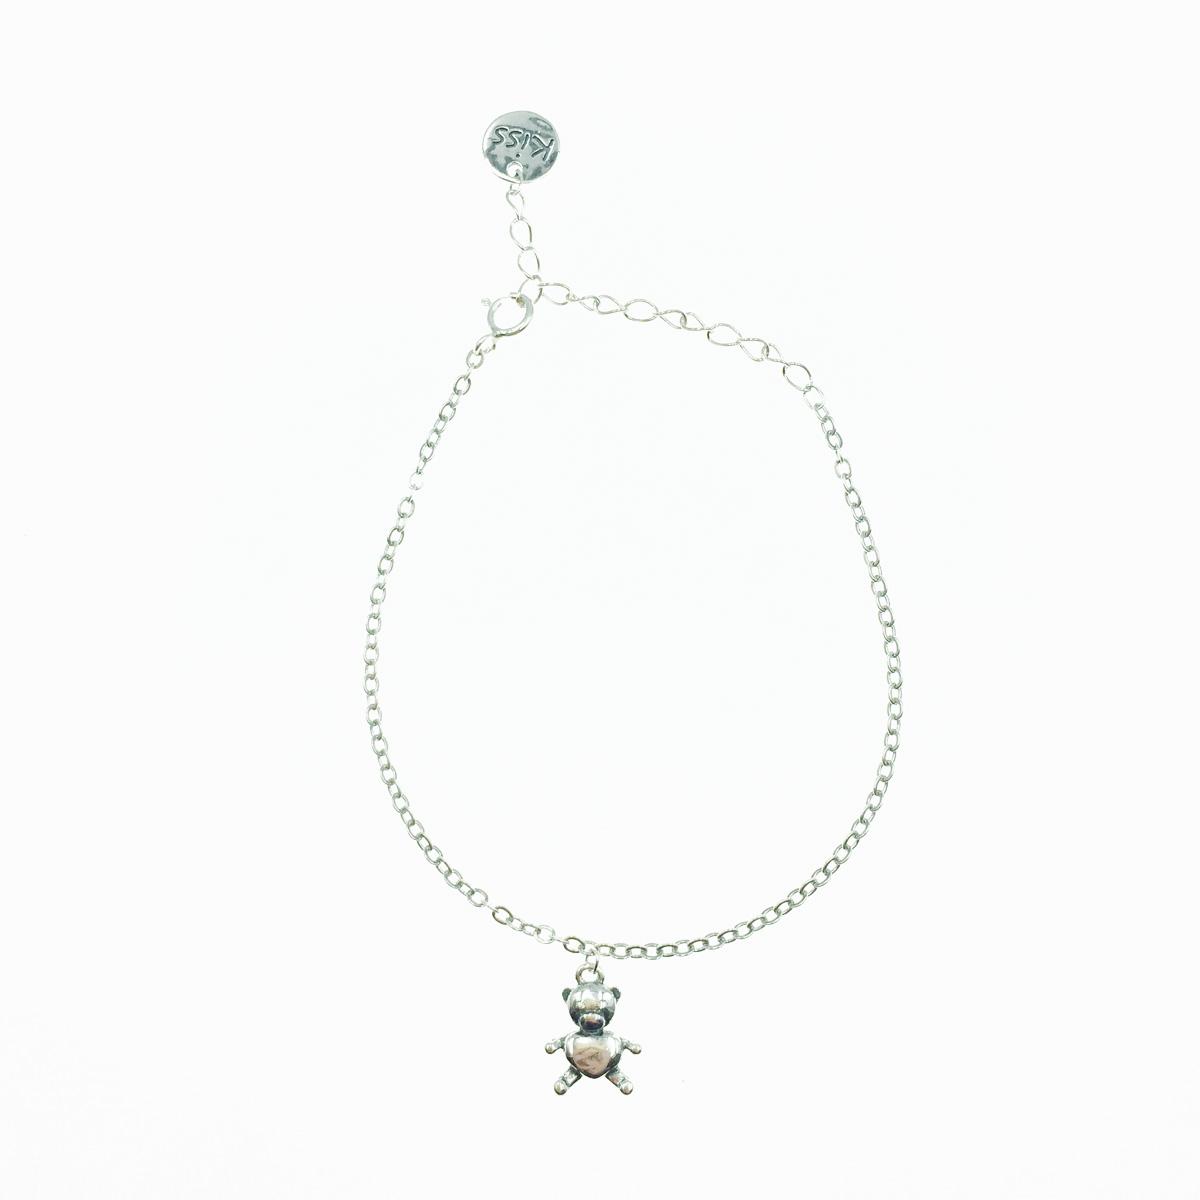 韓國 925純銀 可愛小熊 金屬圓吊牌 手飾 手鍊